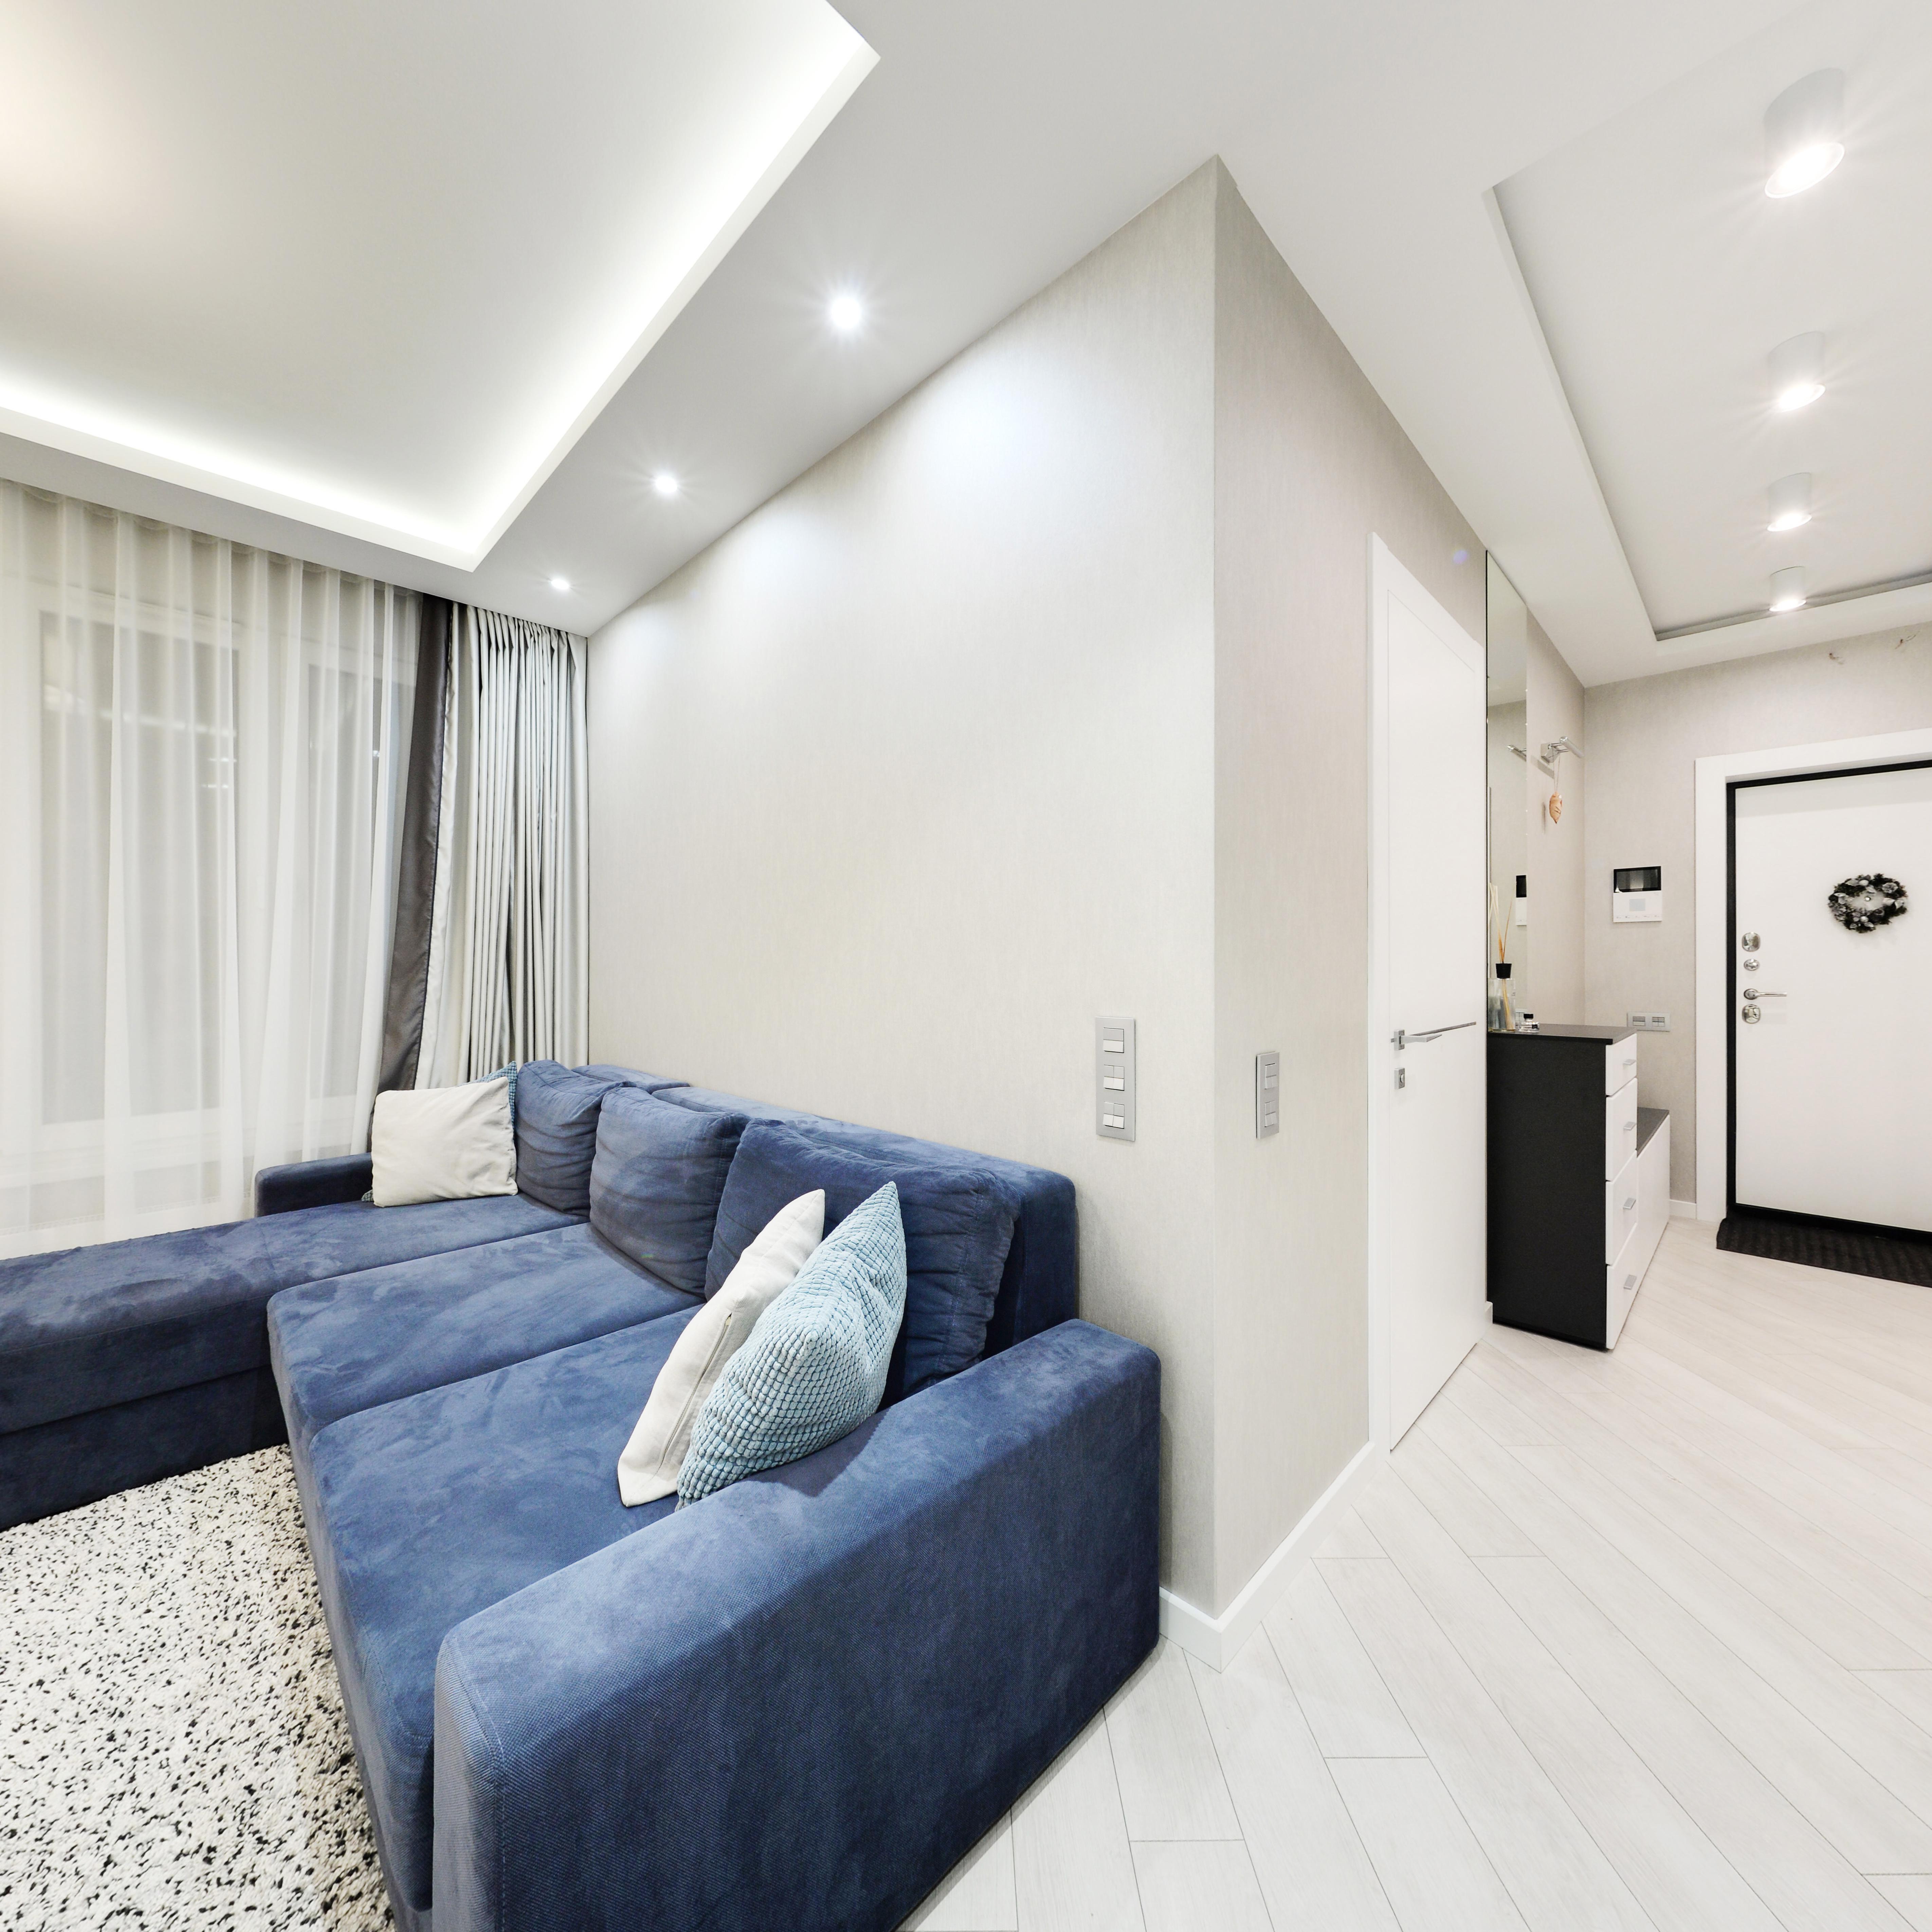 можете заказать как удачно сделать фото квартиры для продажи можете познакомиться